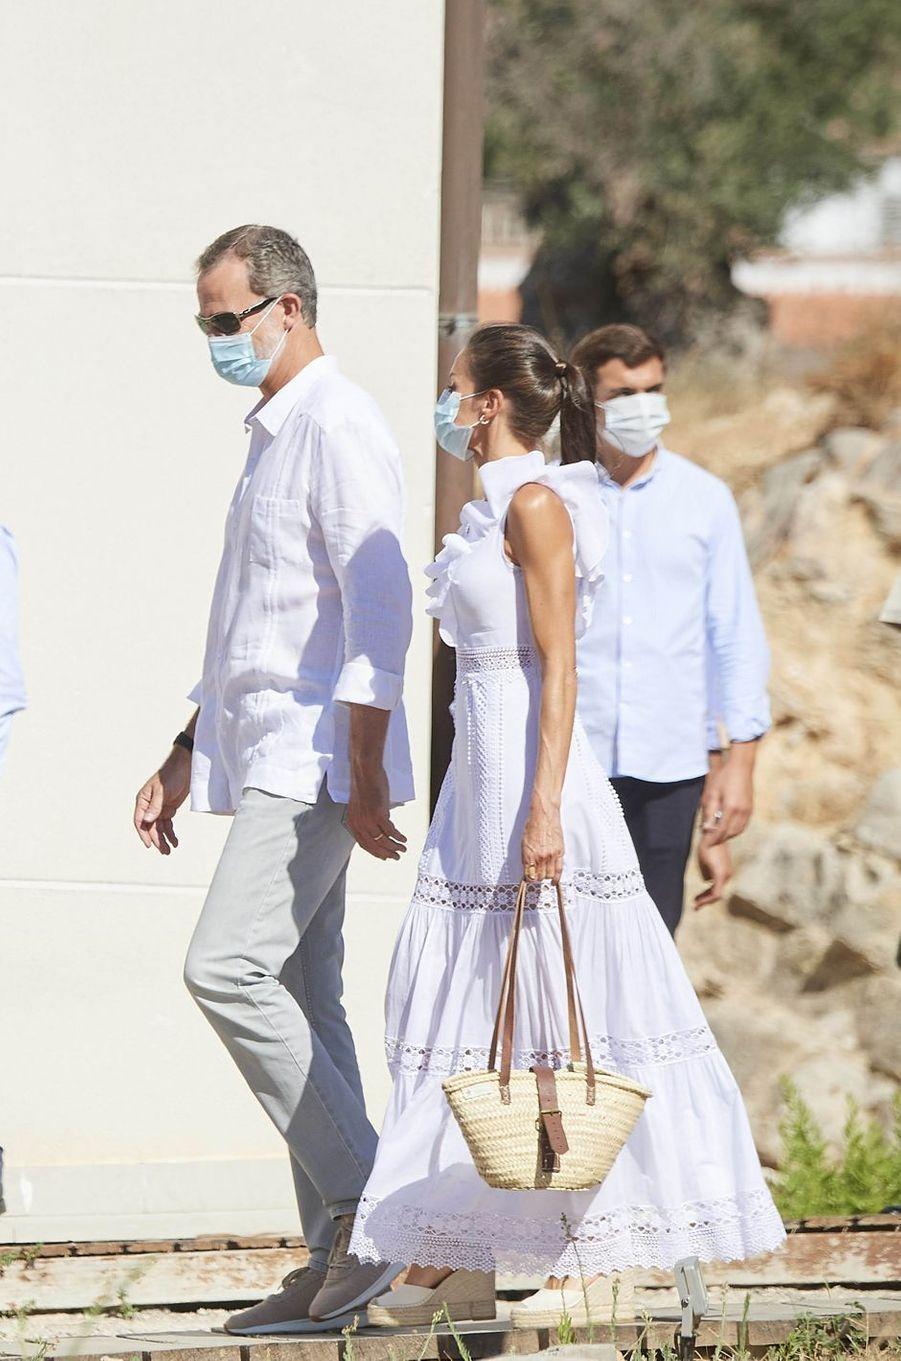 Le roi Felipe VI d'Espagne et la reine Letizia sur l'île d'Ibiza, le 17 août 2020